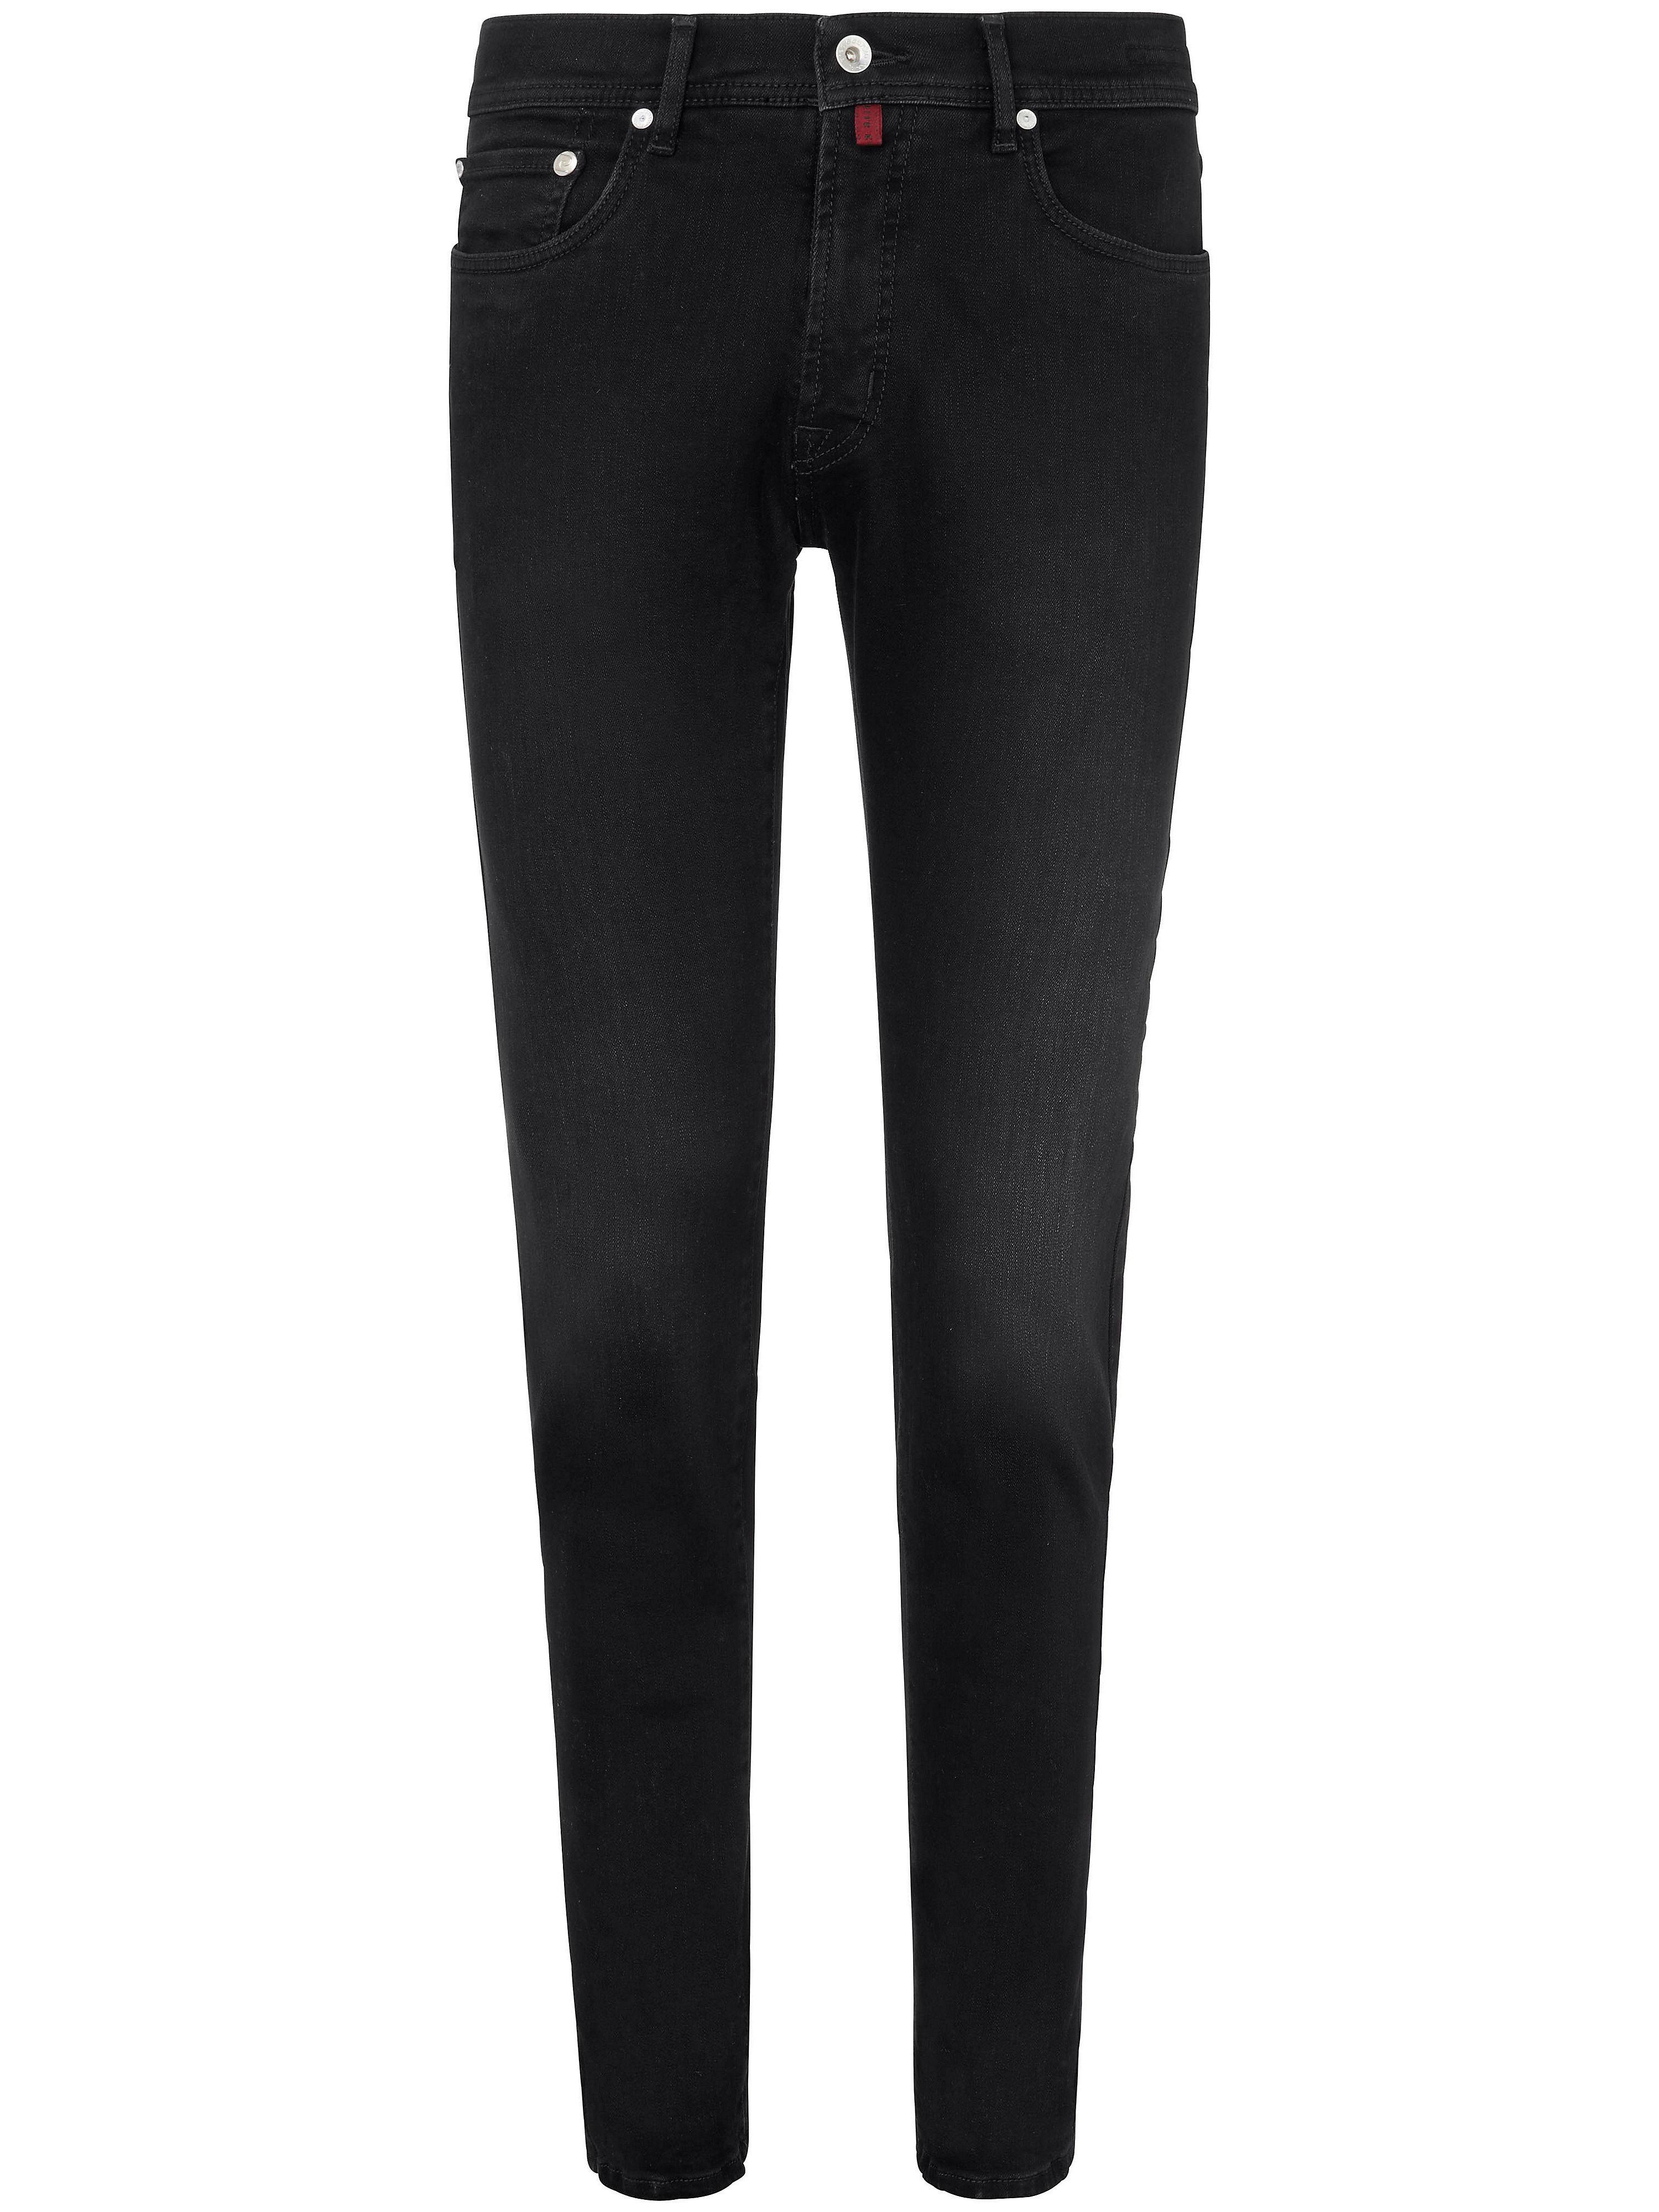 Jeans, model Lyon Van Pierre Cardin zwart